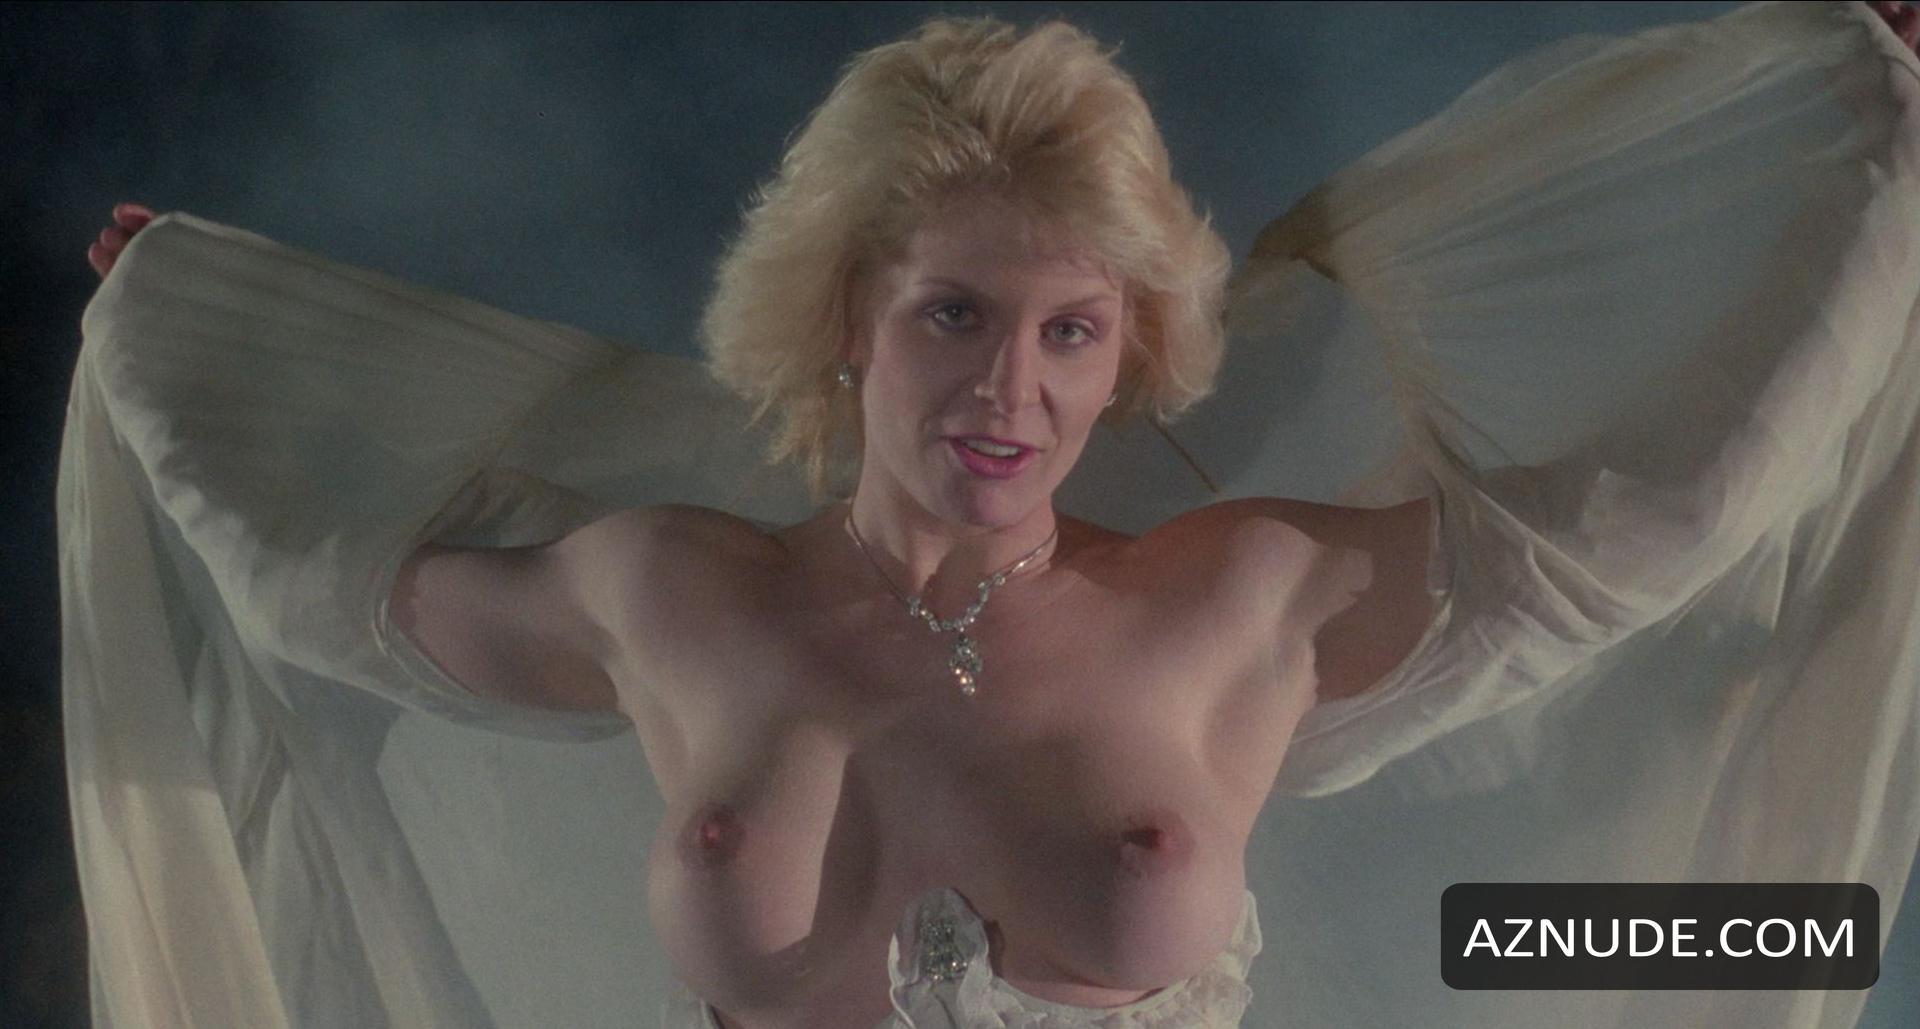 sandra margot nude